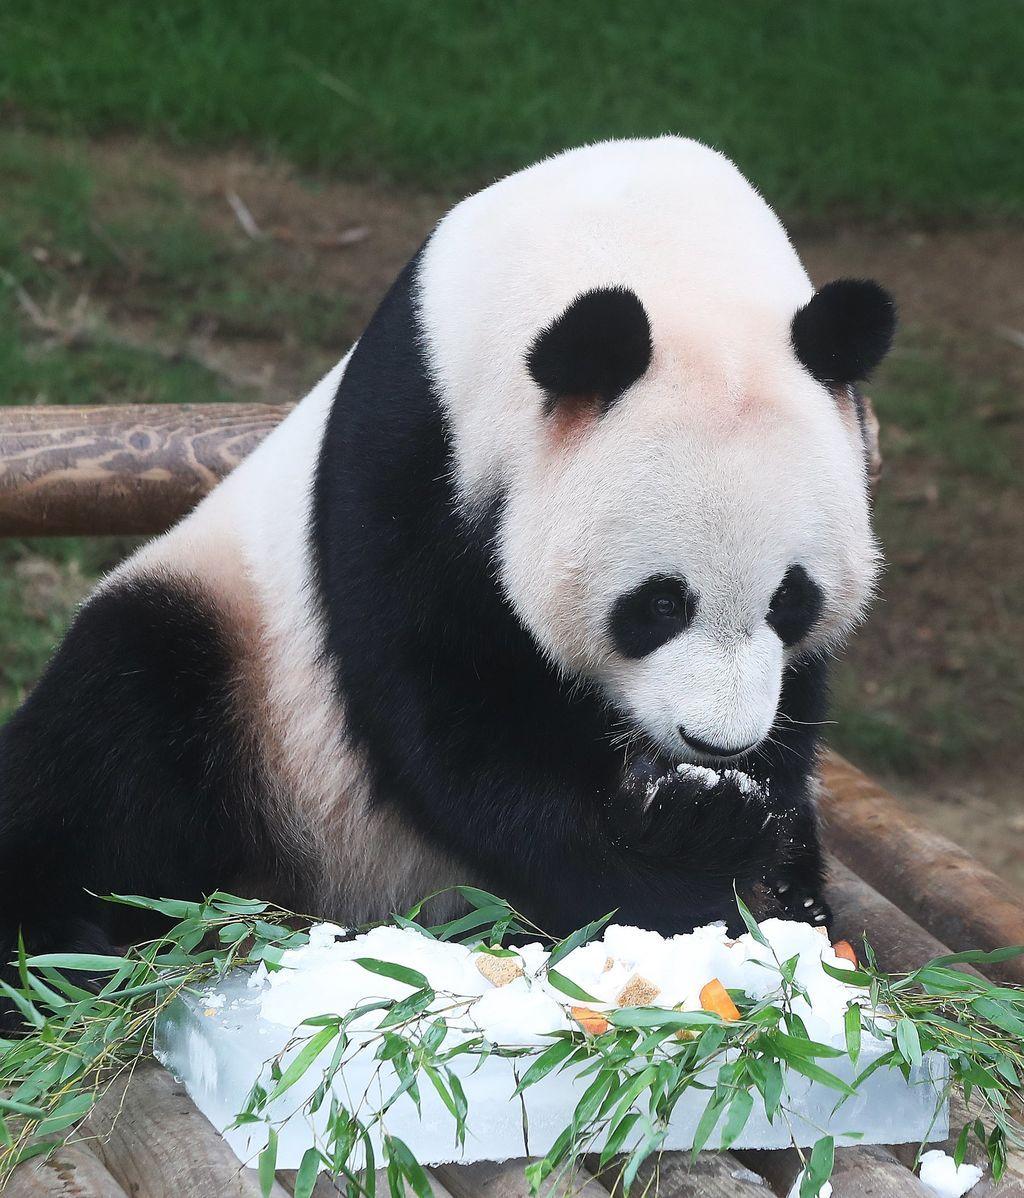 Corea del Sur celebra en julio cumpleaños de osos pandas provenientes de China